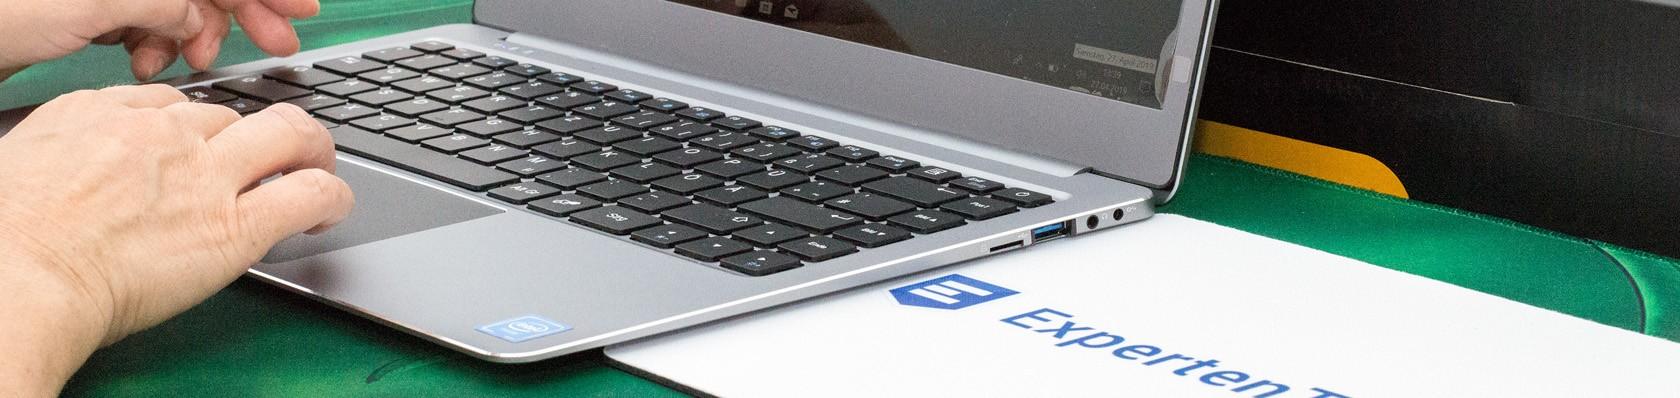 Laptops im Test auf ExpertenTesten.de